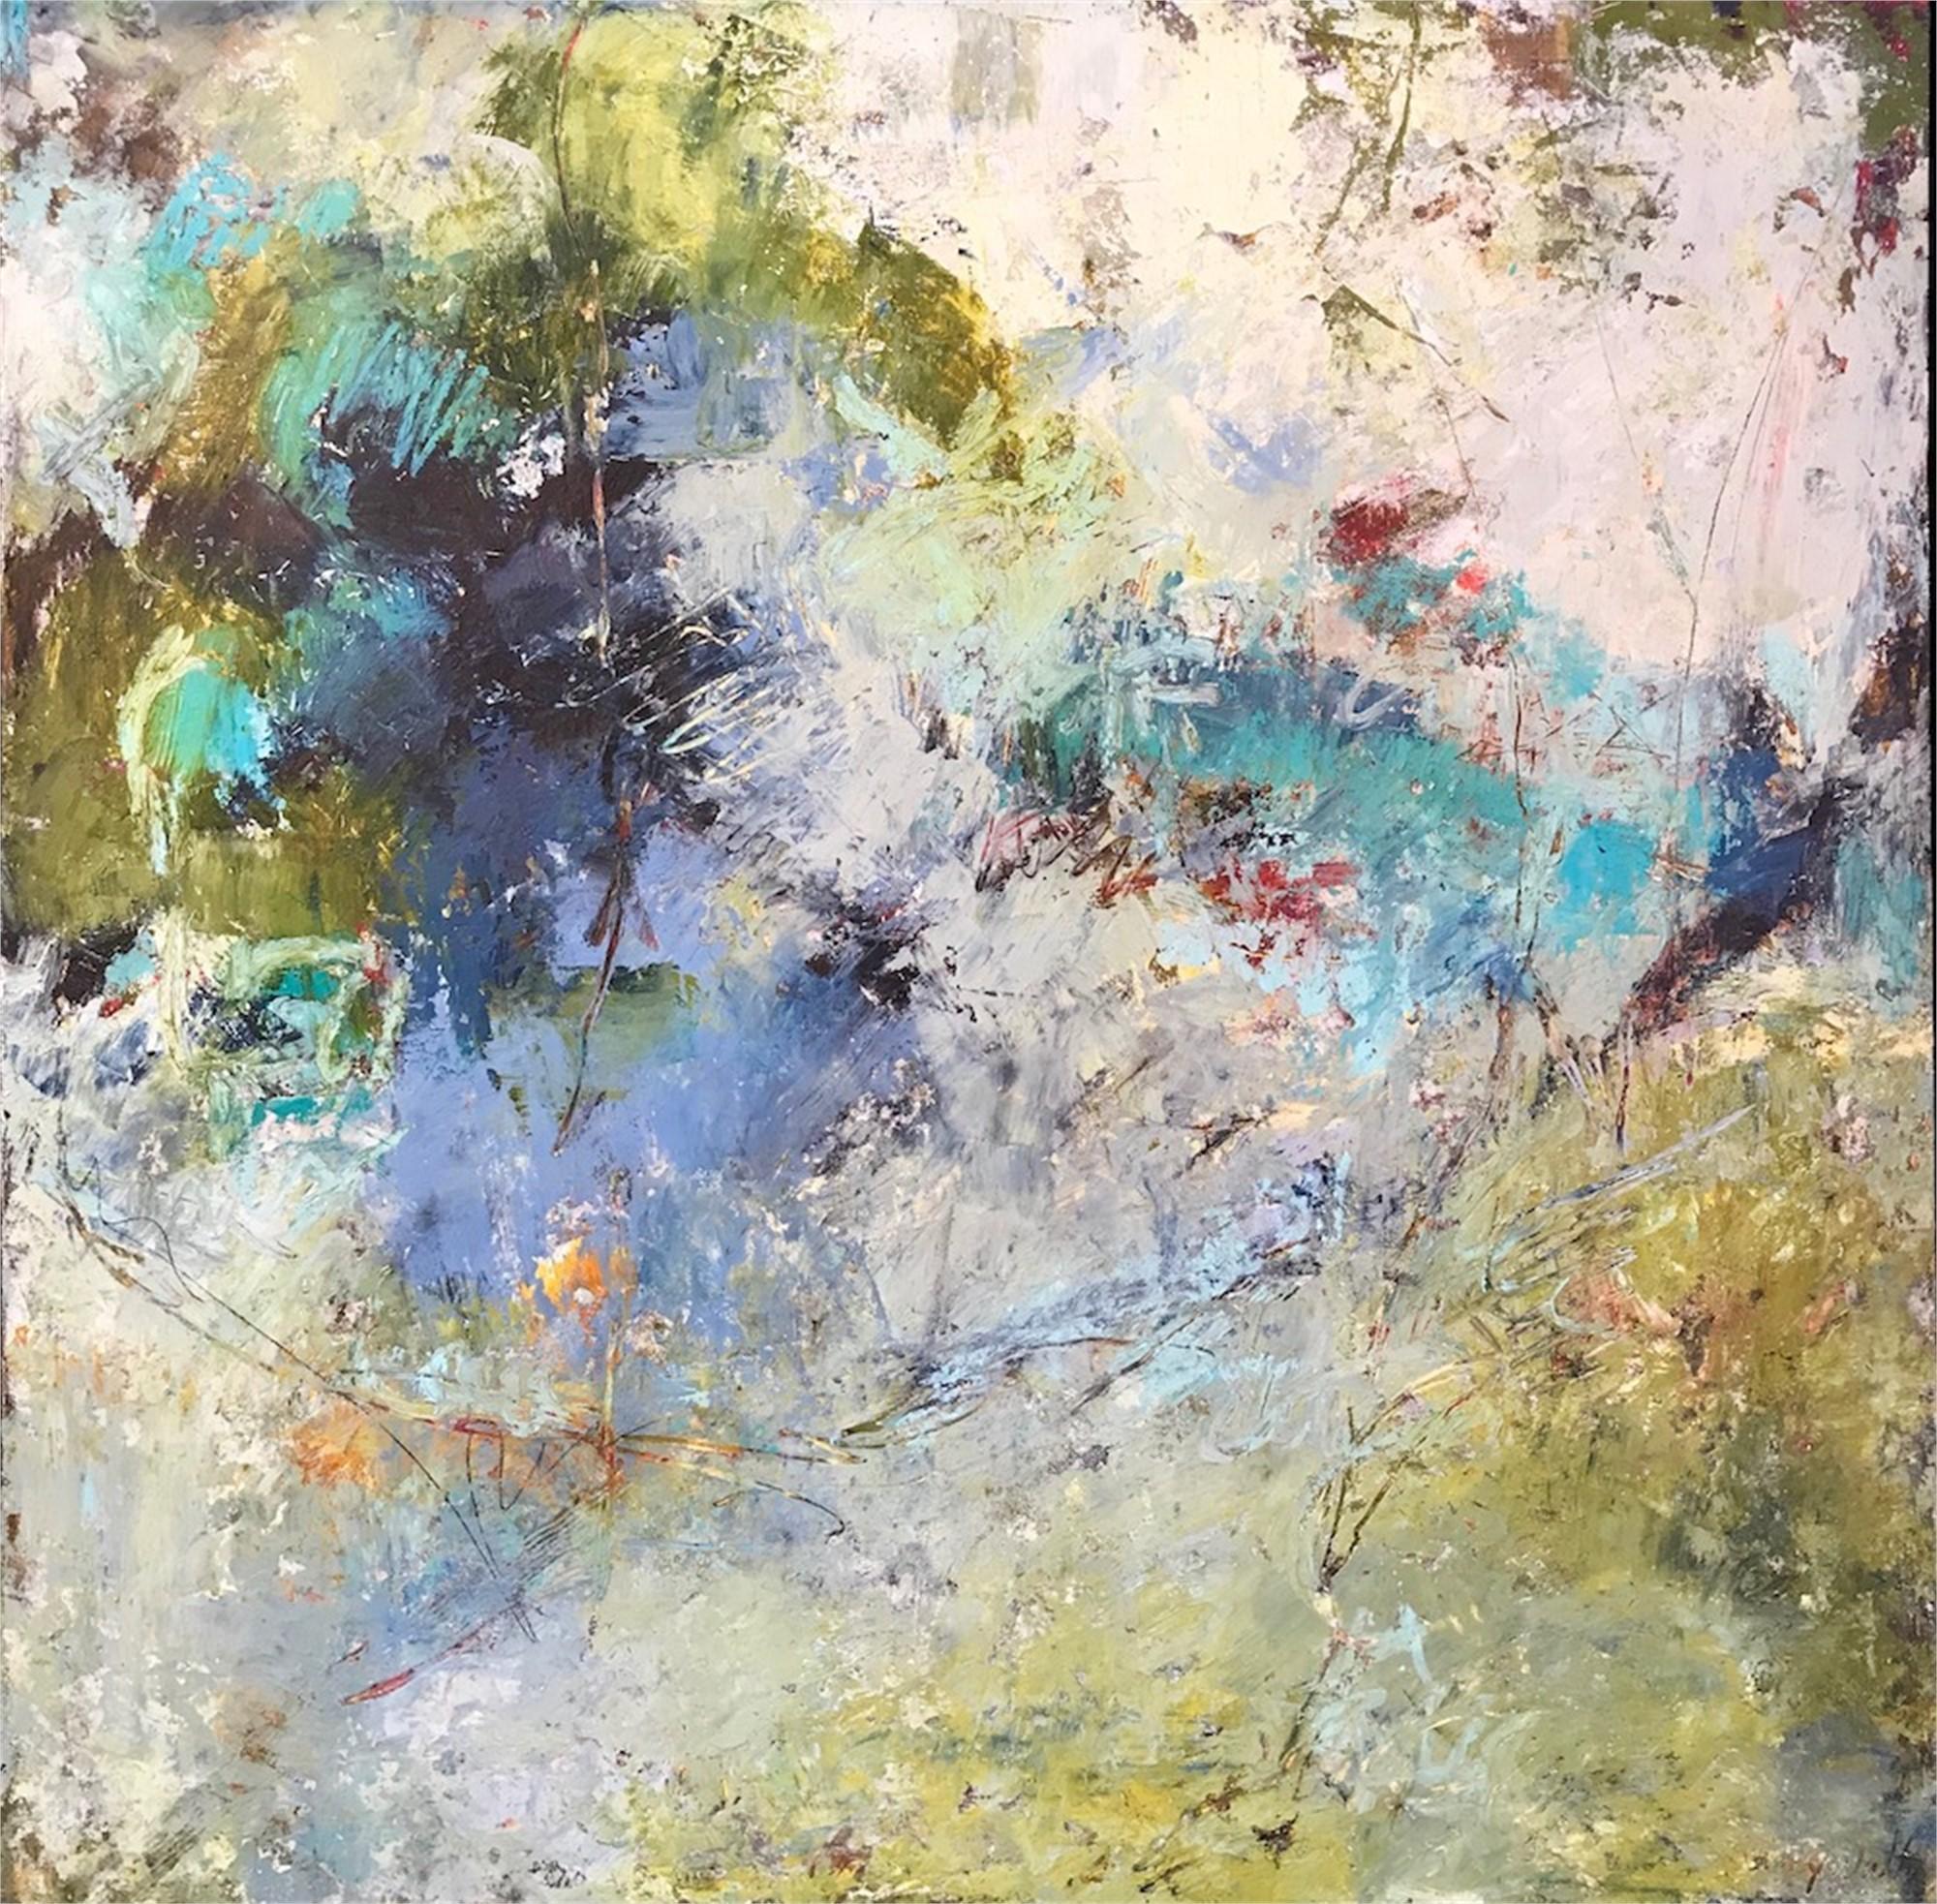 Sea Glass 10 by Cindy Walton